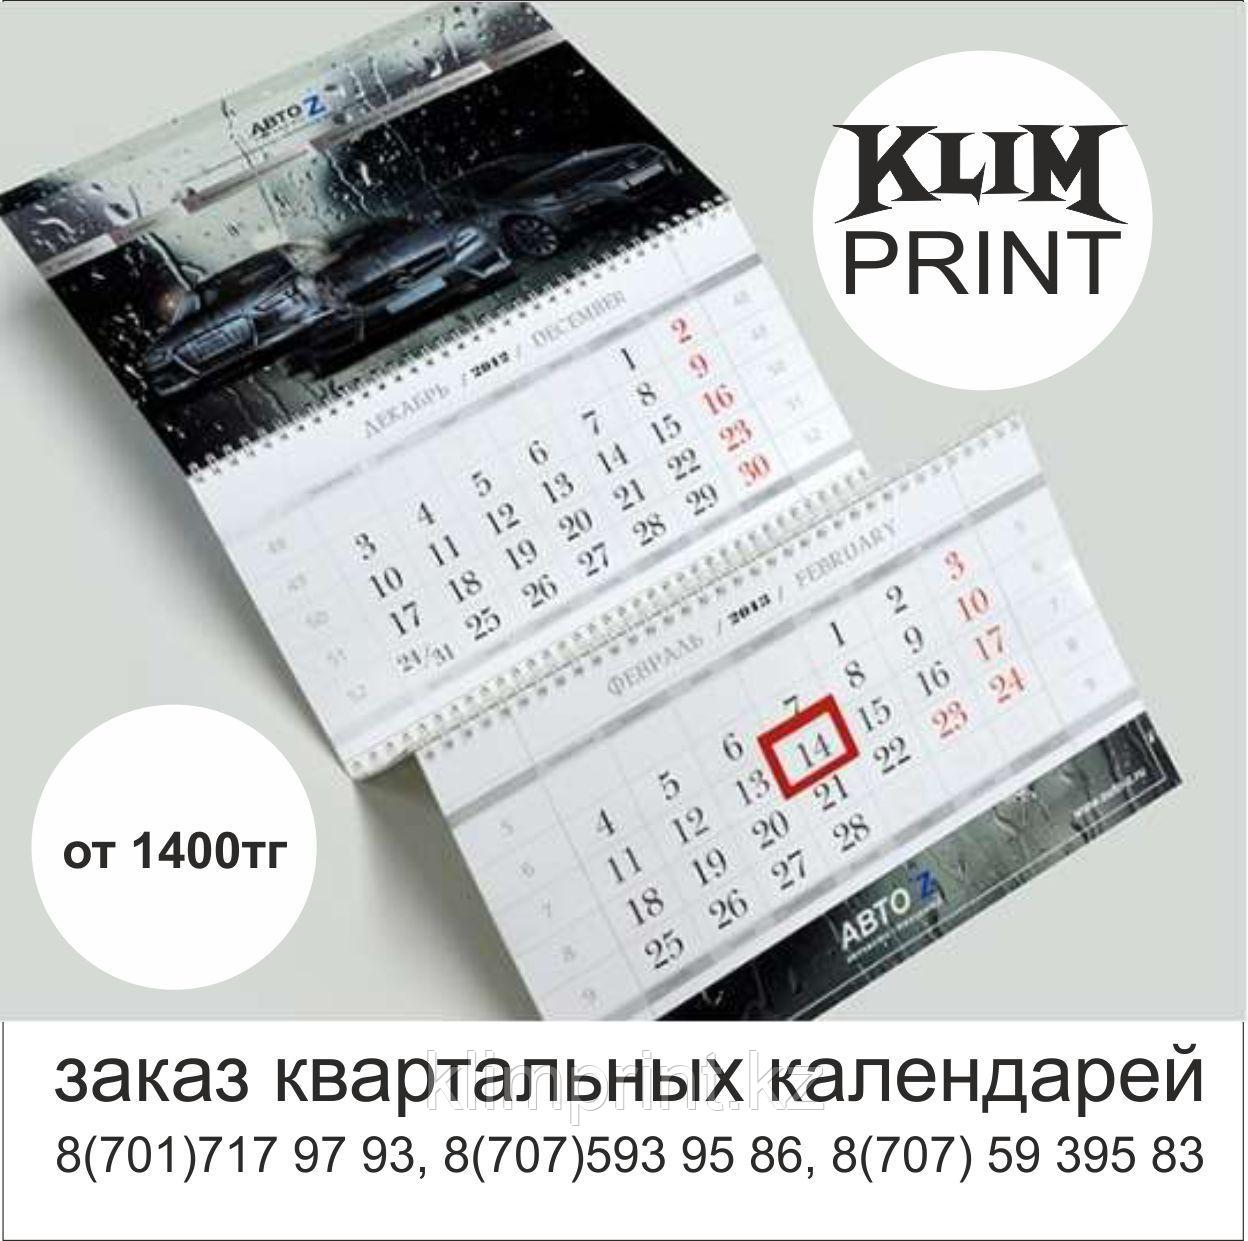 Календари заказать в Алматы Печать календарей в Алматы Квартальные календари  на новый 2021 год